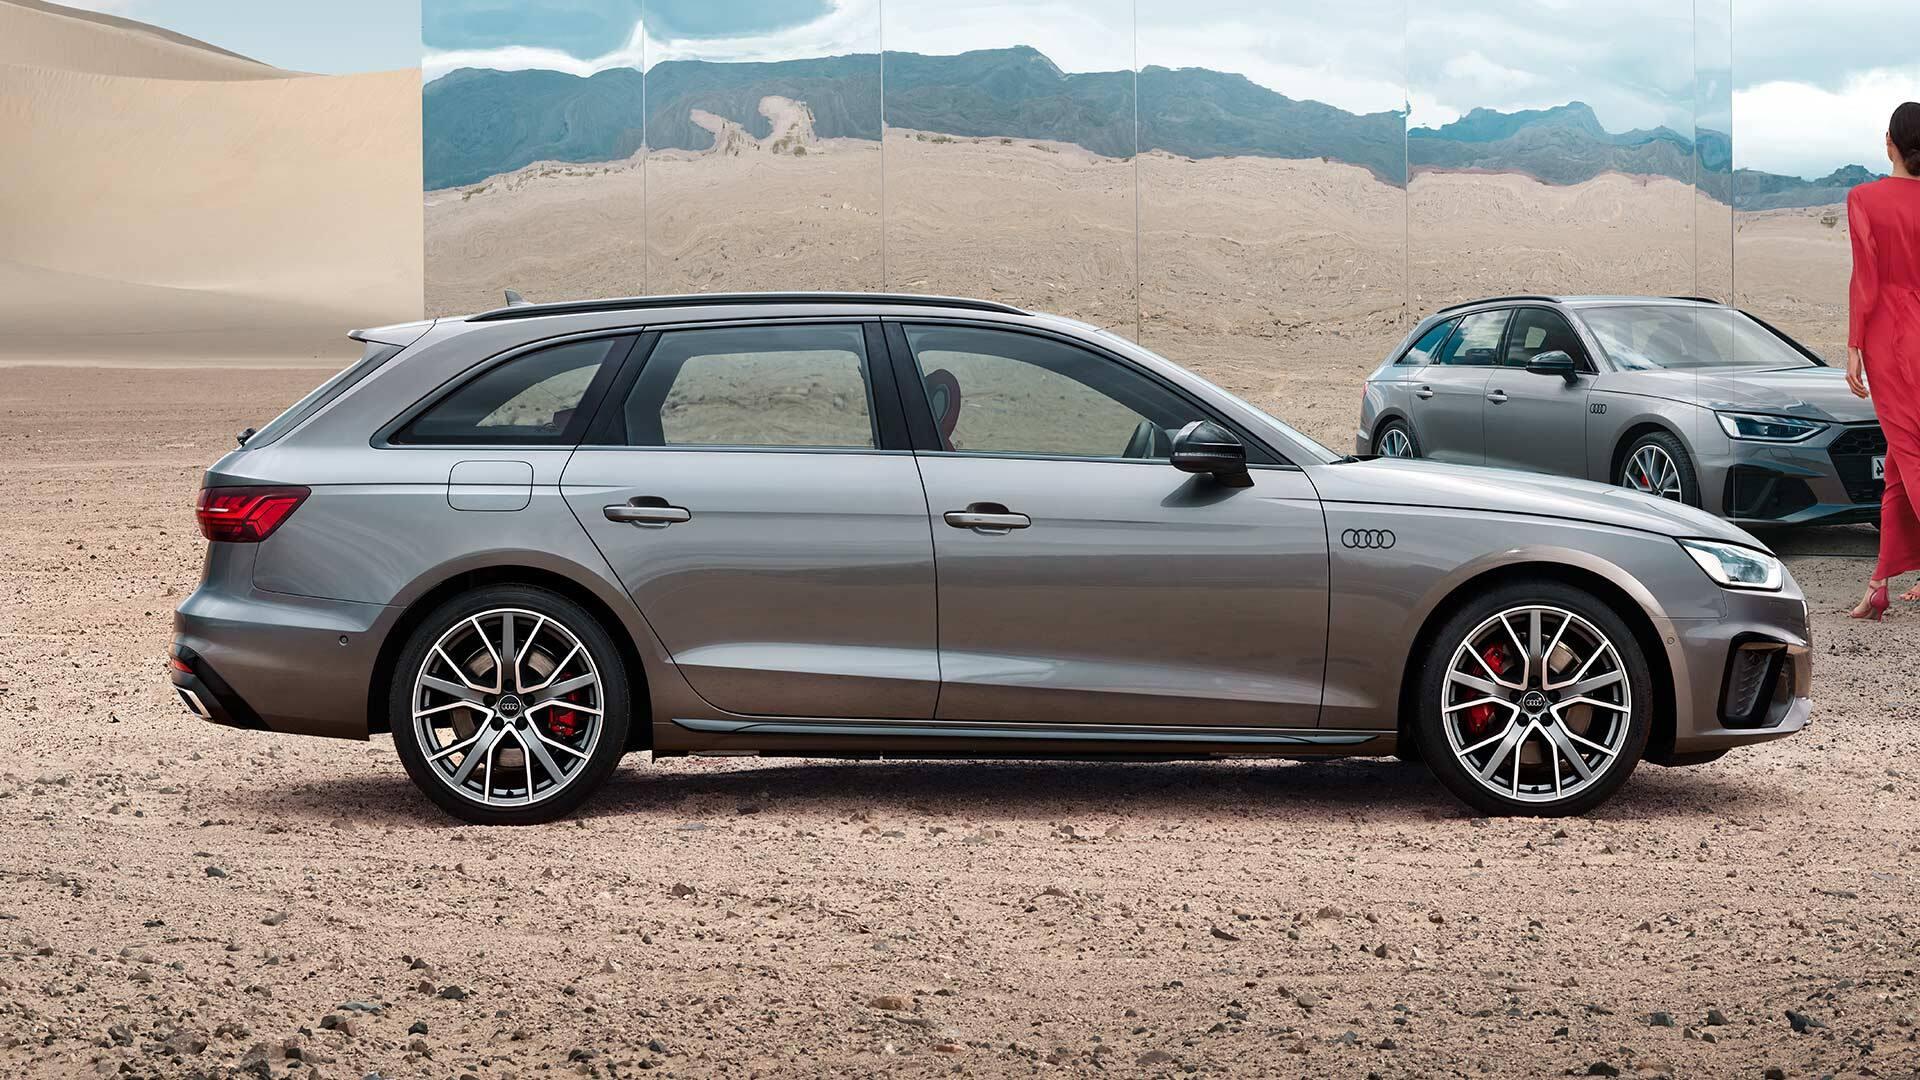 A4 Avant A4 Audi Deutschland